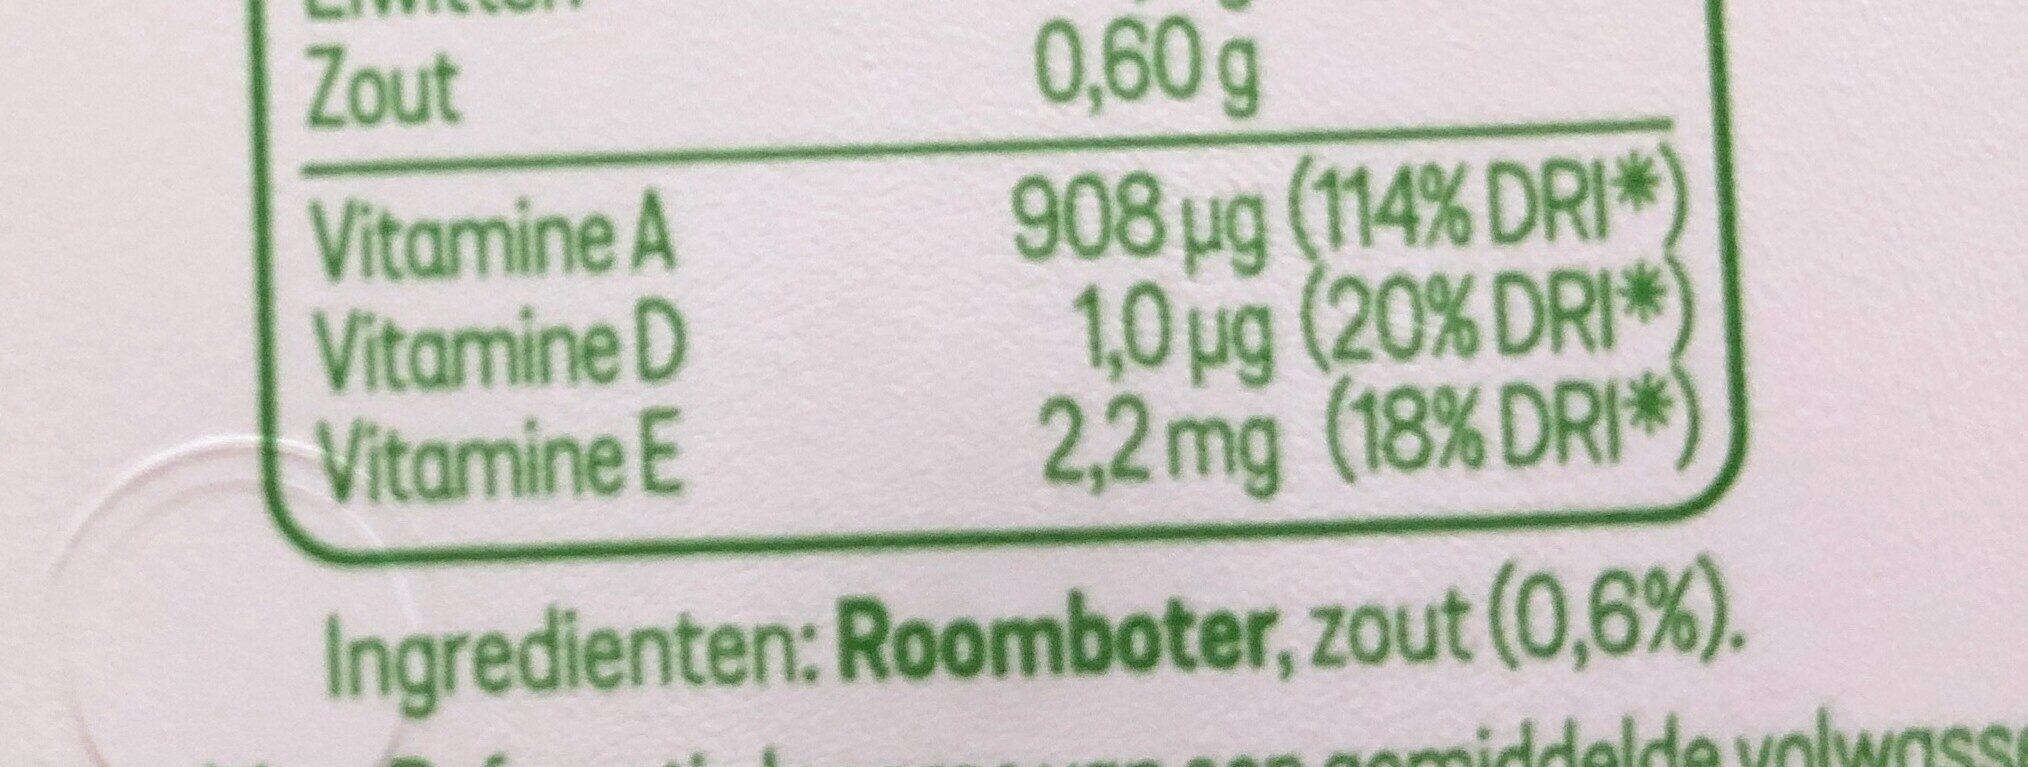 Campina Botergoud Grasboter Gezouten - Ingrediënten - en